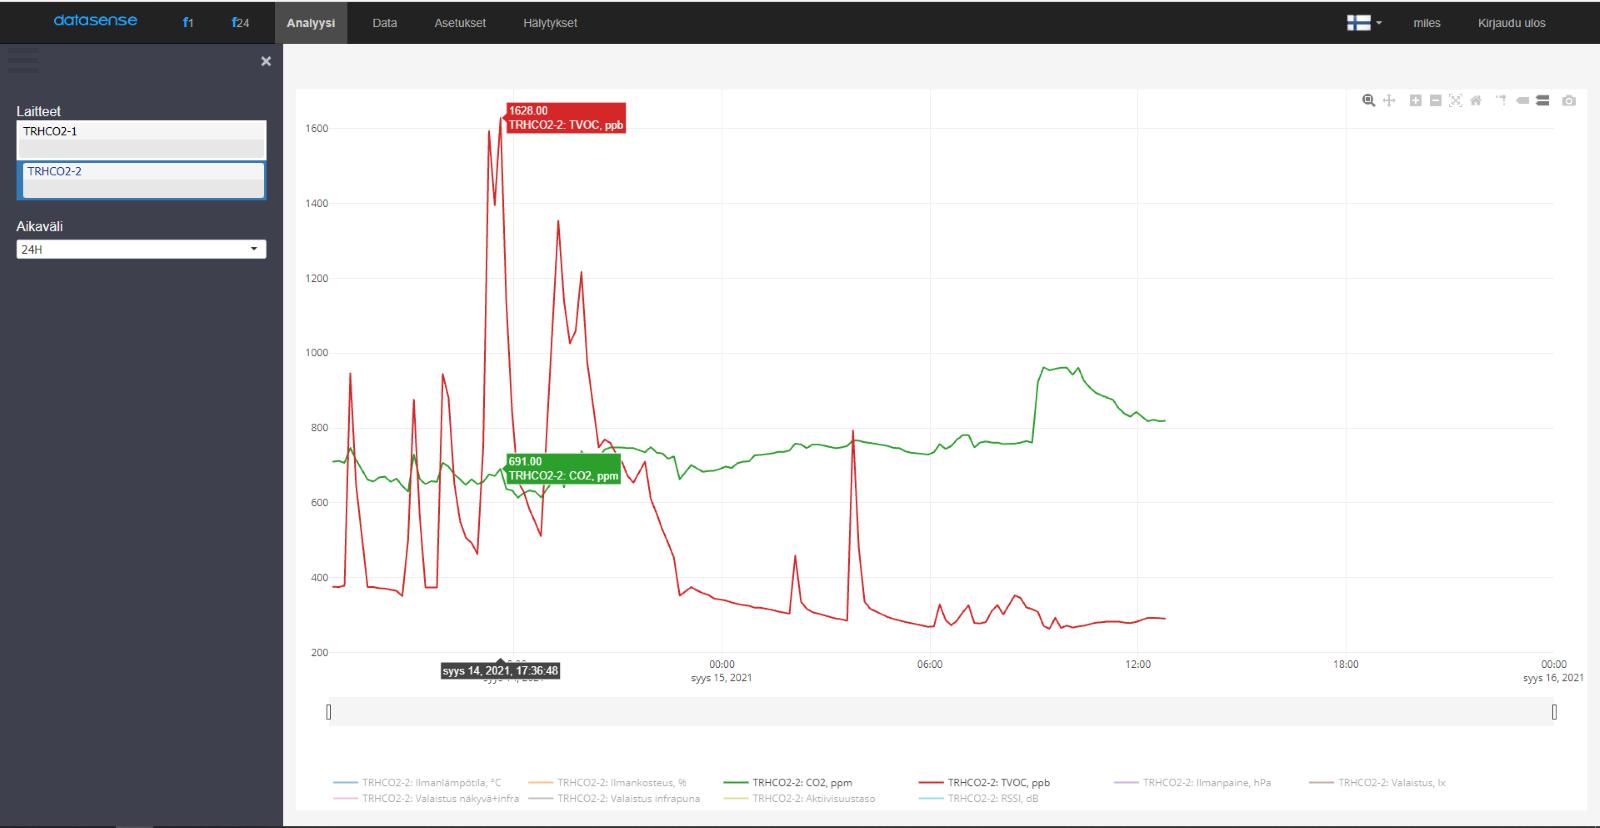 sisäilman laatu IoT logger @DatasenseFI paine-ero RH% porareikä mittaus asbestityömaa